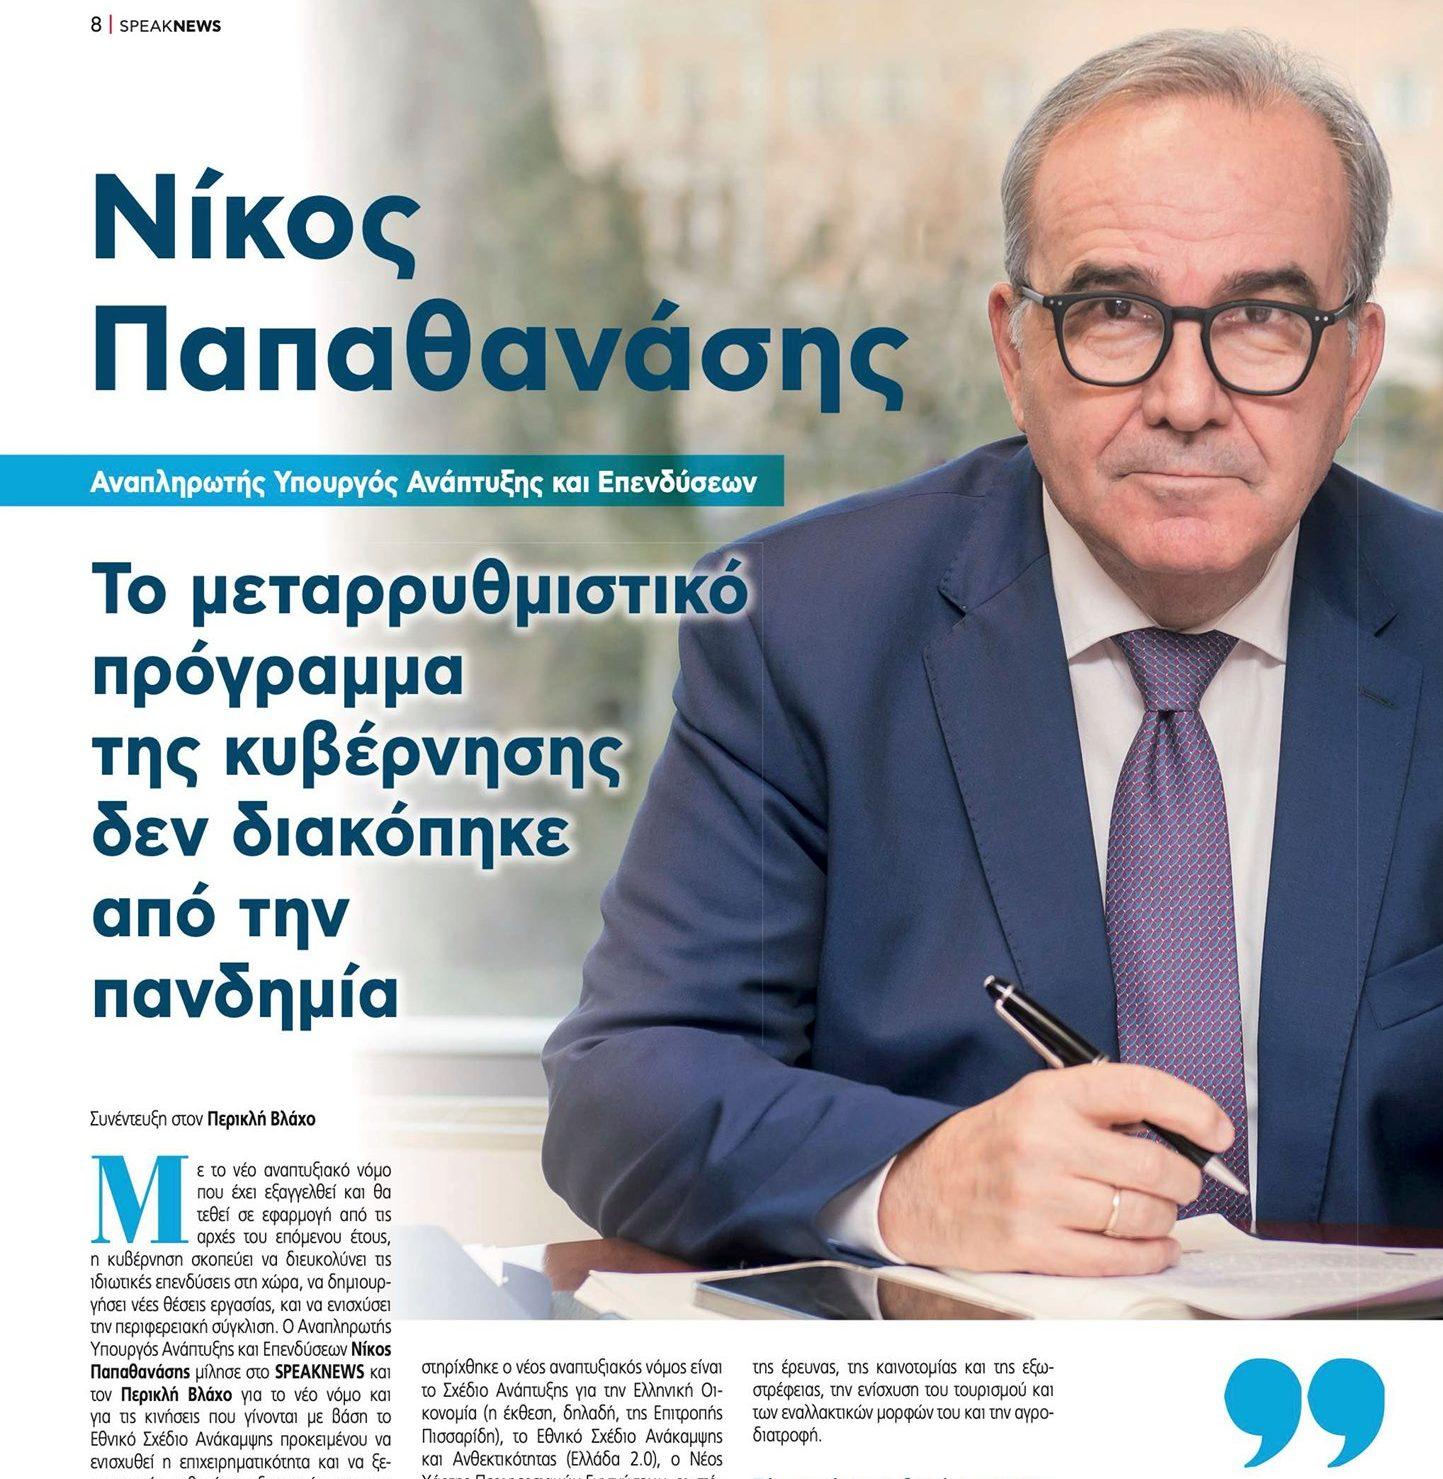 Ο Νίκος Παπαθανάσης, Αναπληρωτής Υπουργός Ανάπτυξης και Επενδύσεων, στο Speaknews